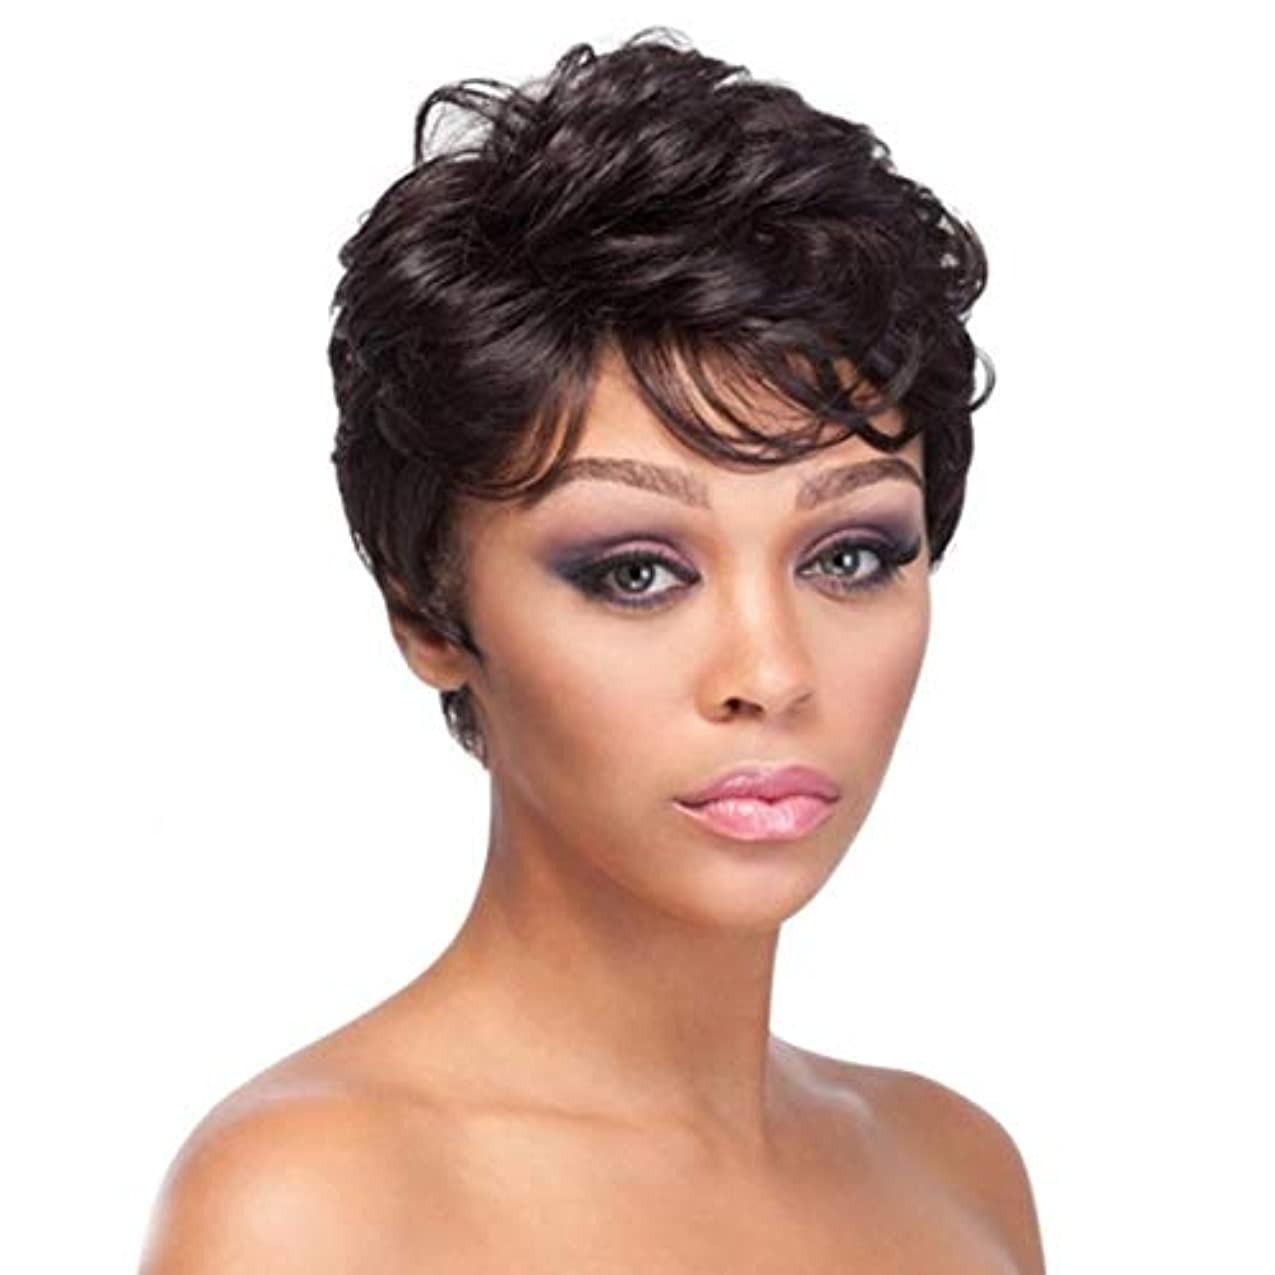 抑圧者近傍植物学者Kerwinner 女性のための短い巻き毛のかつら前髪合成繊維のかつらでかつらかつら